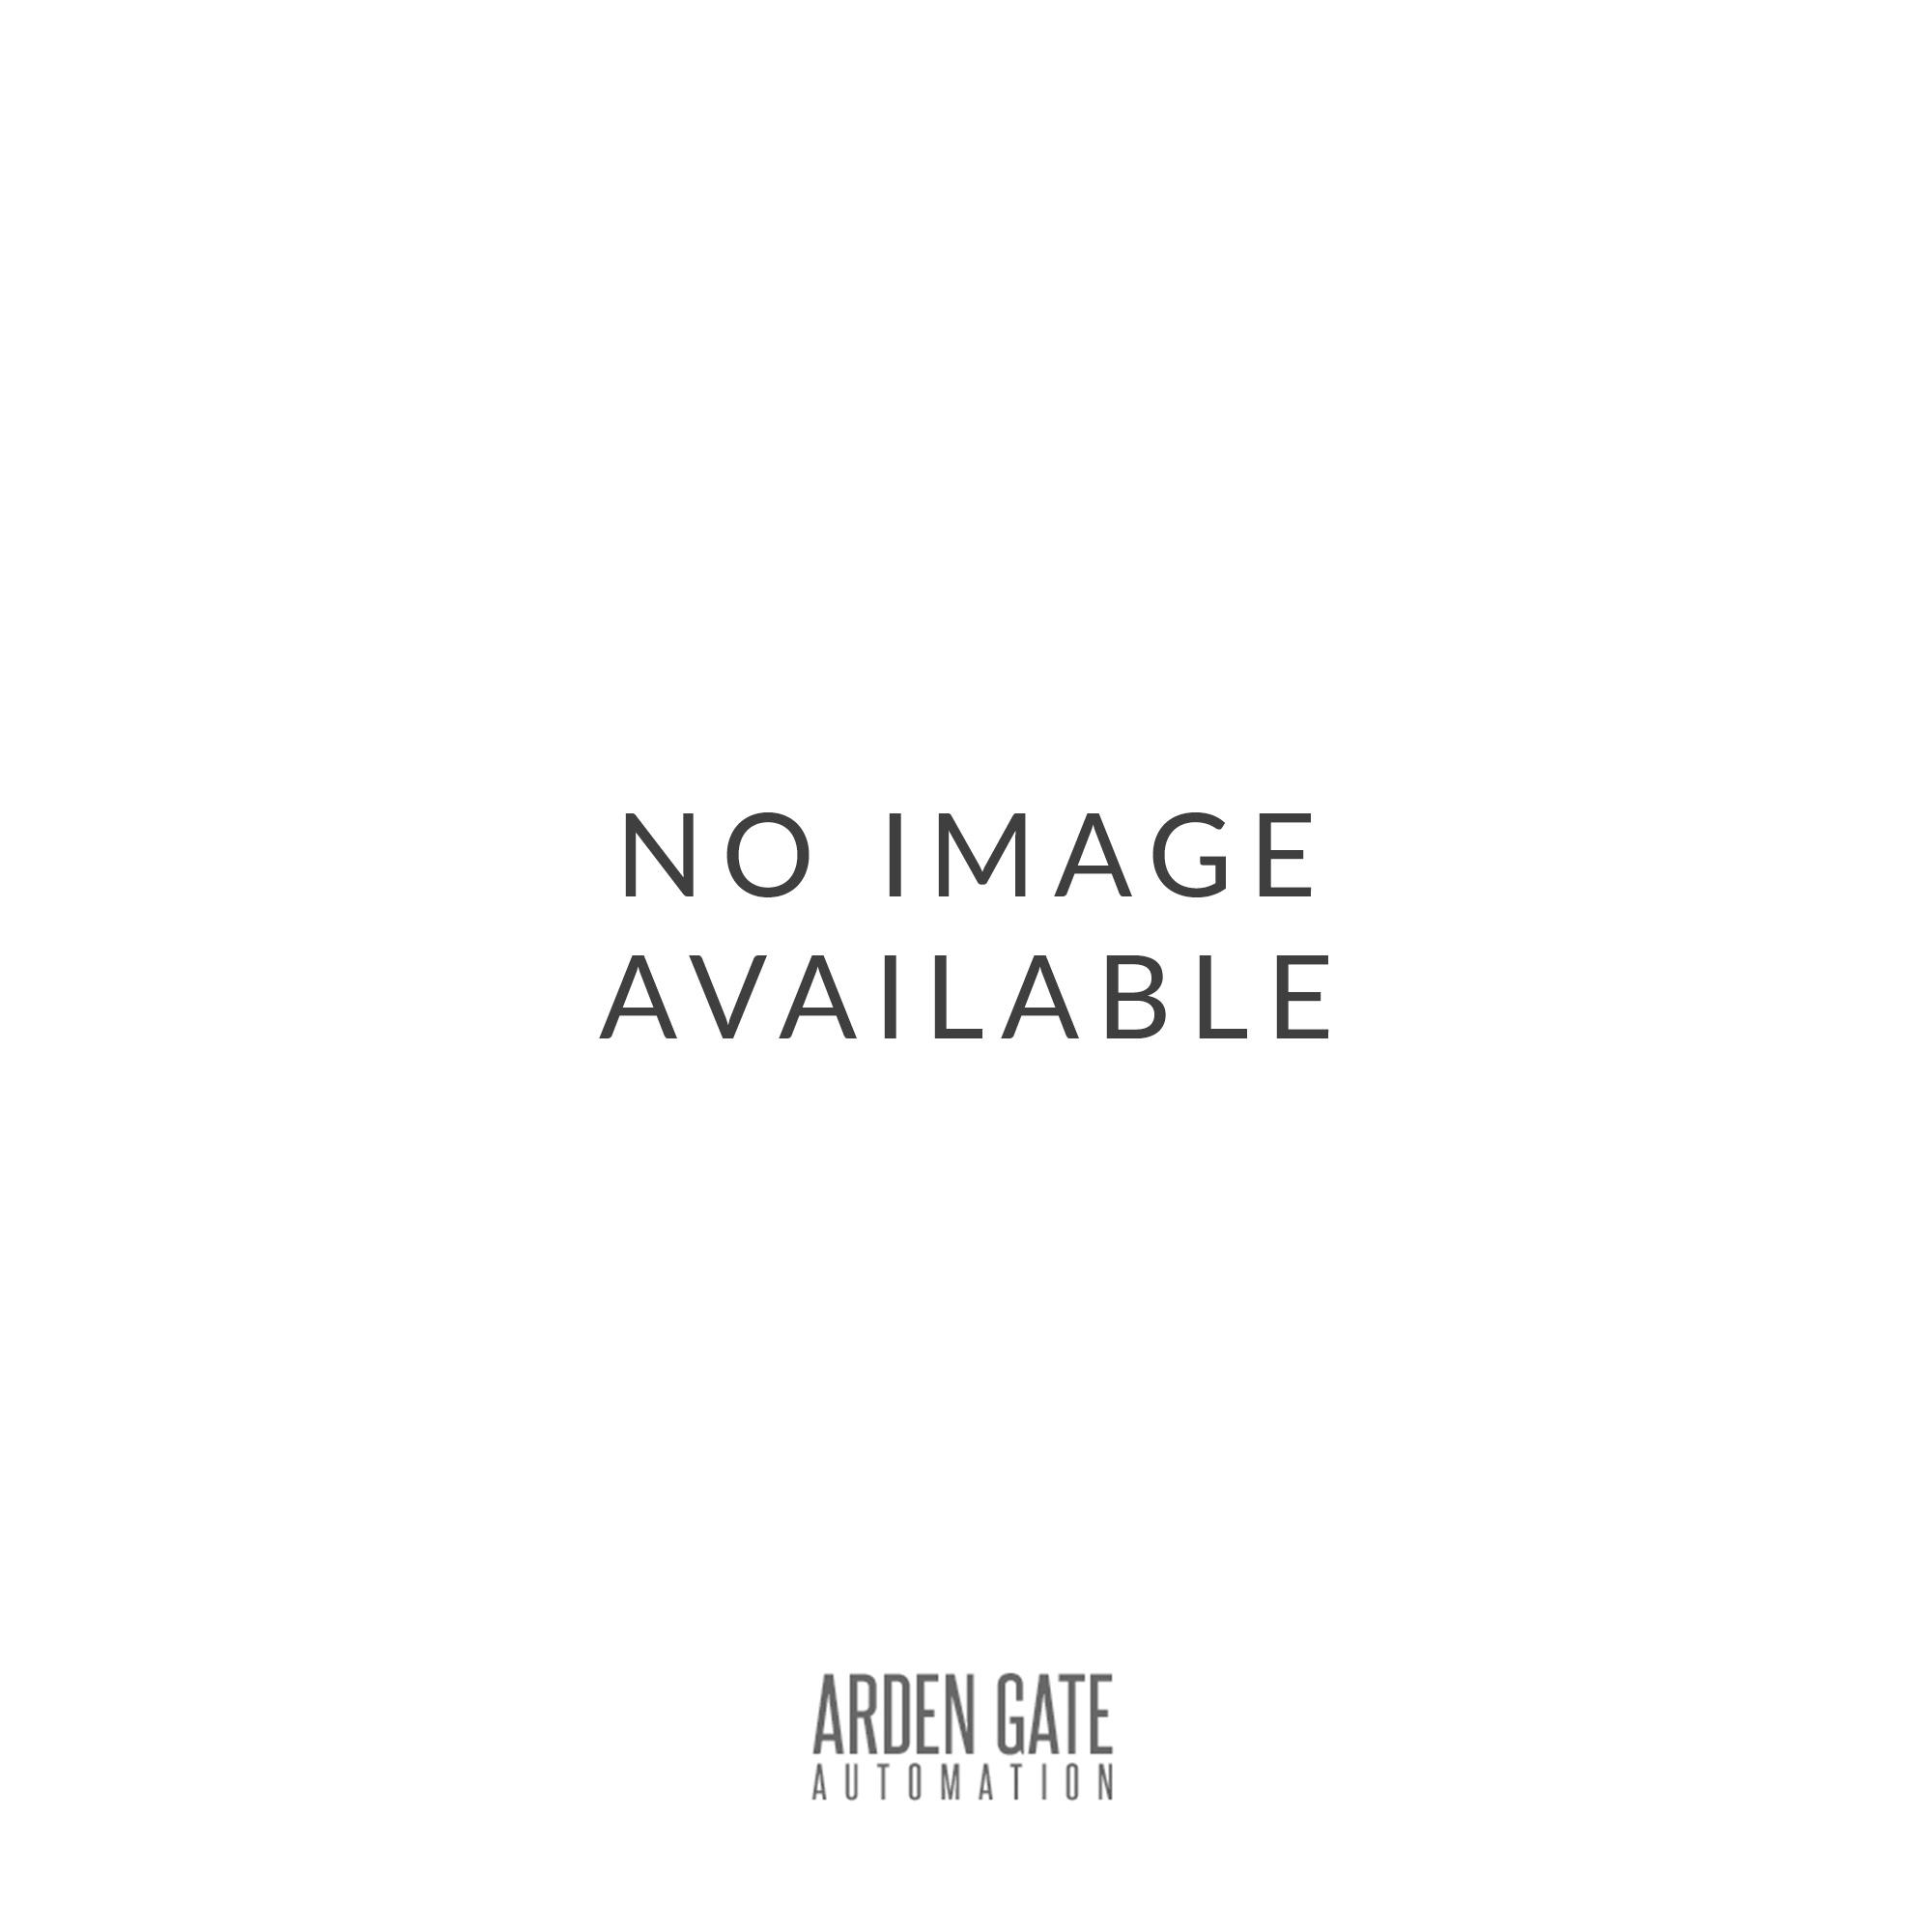 I500ER Electromagnetic Lock